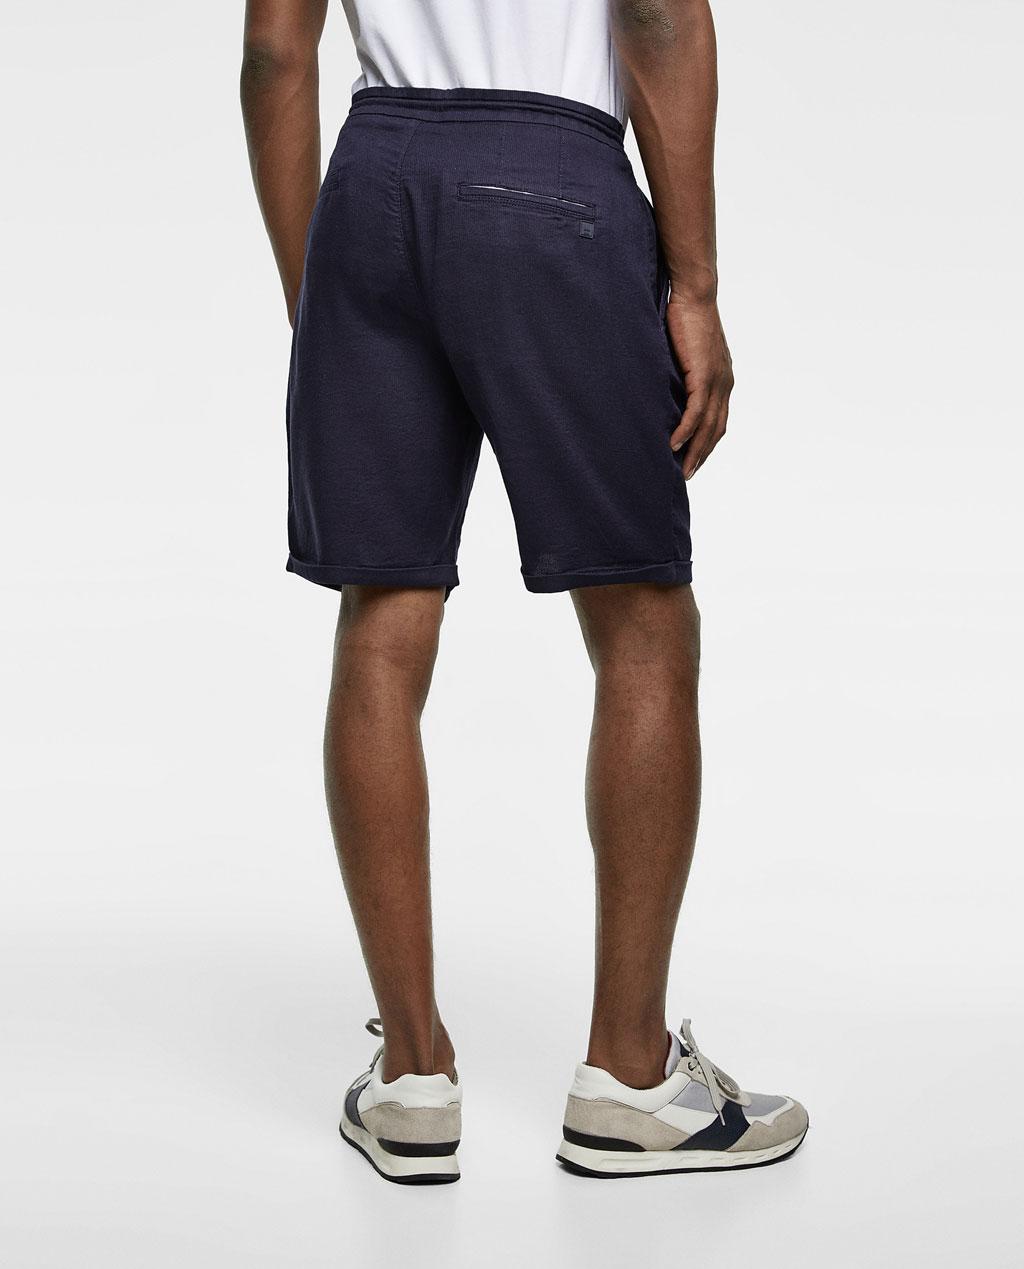 Thời trang nam Zara  23941 - ảnh 5